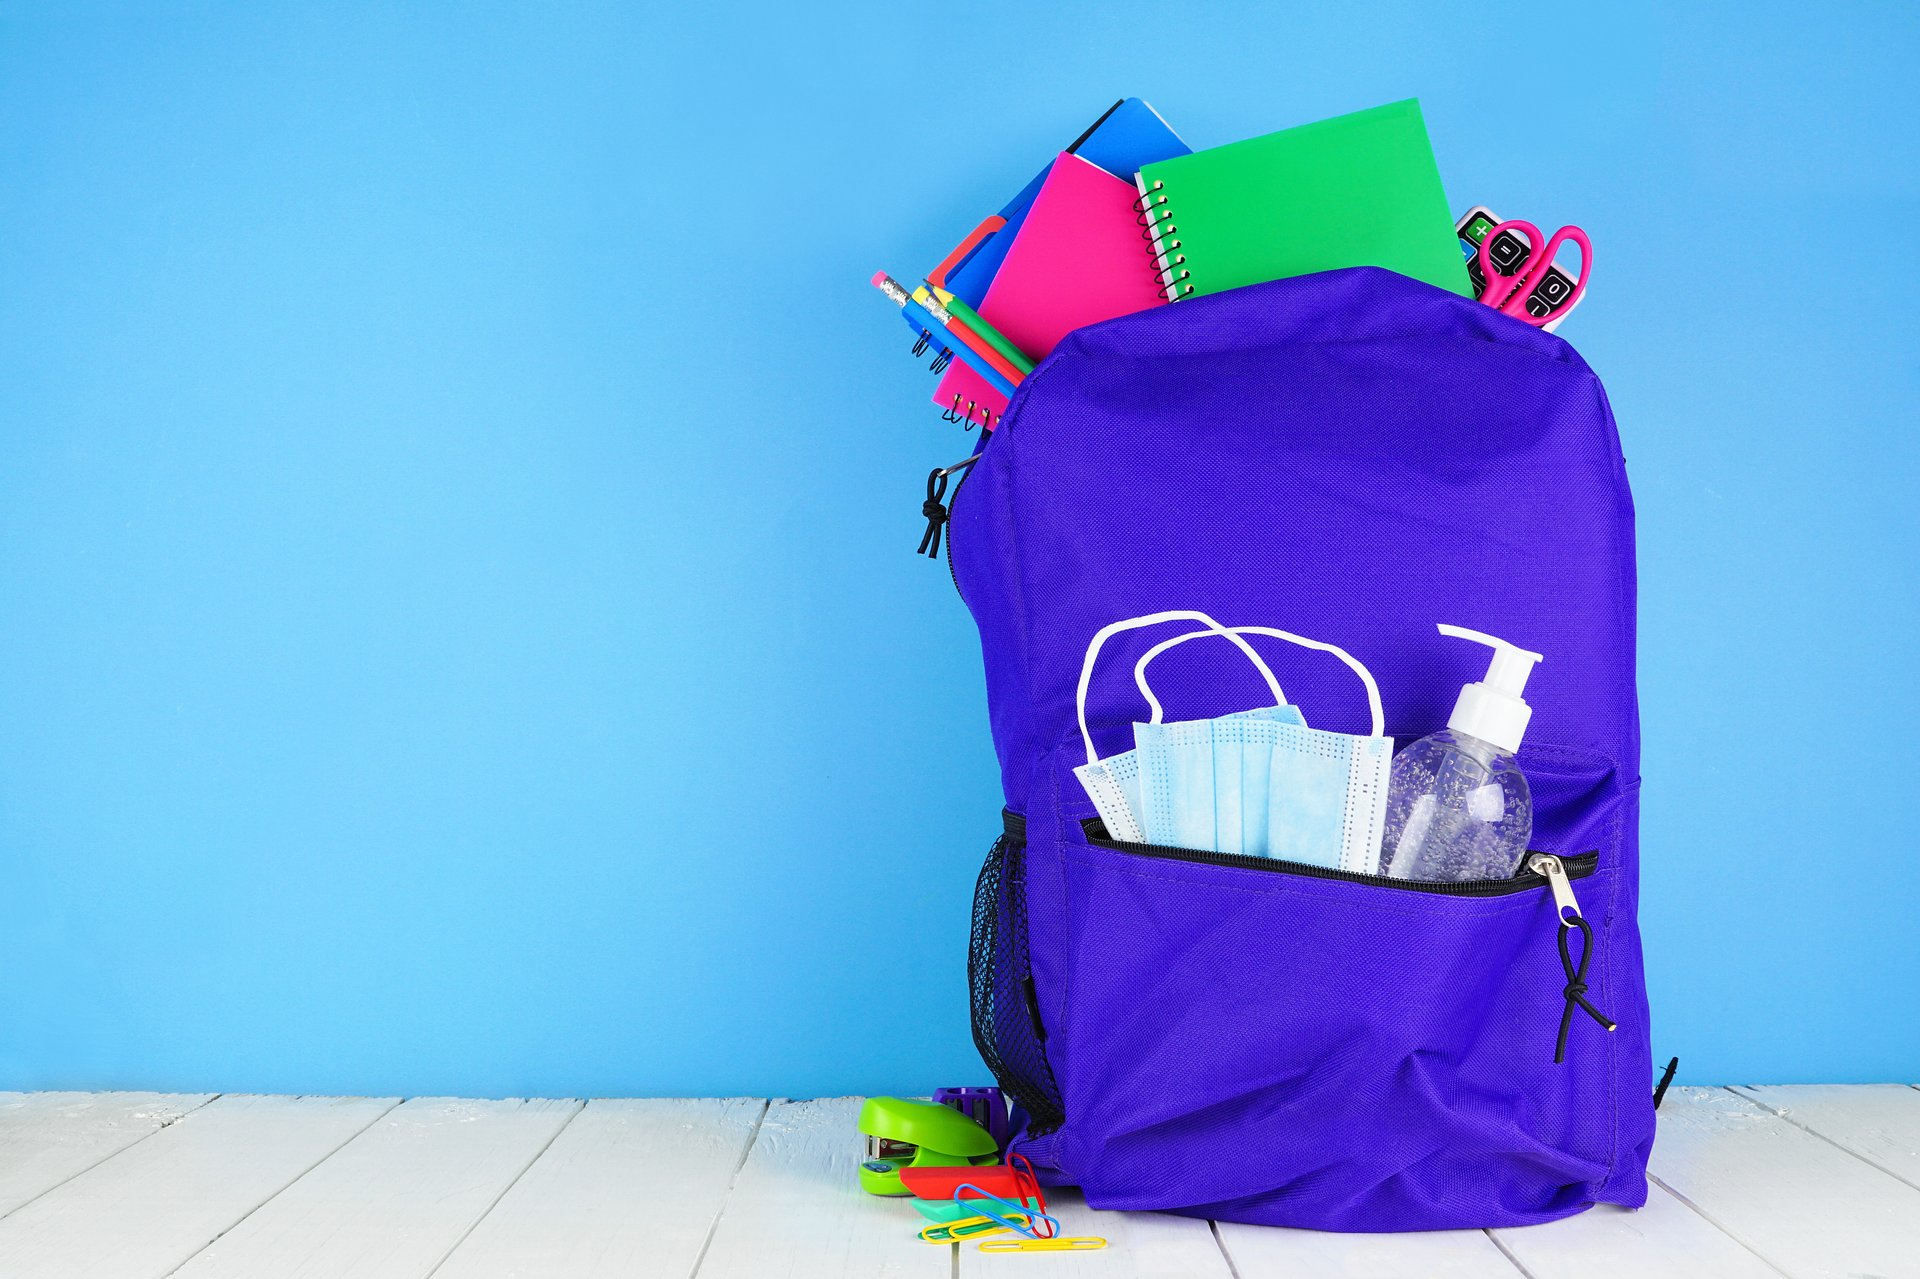 Dlaczego nie ma obowiązku noszenia masek w szkołach? GIS wyjaśnia